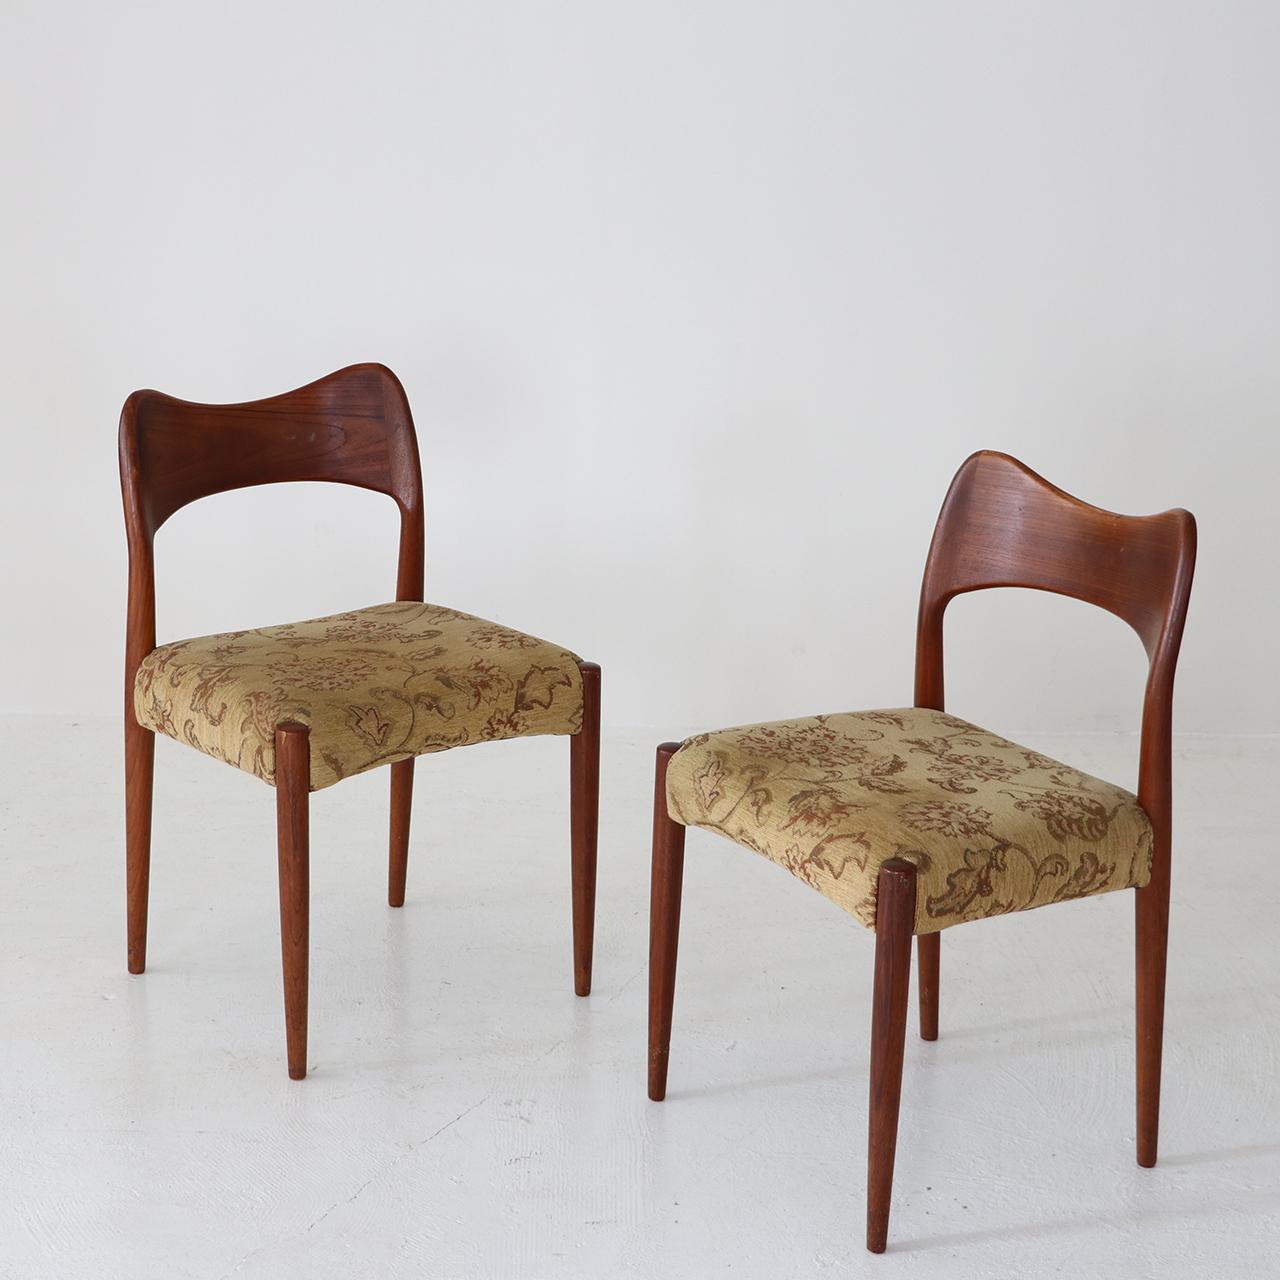 Dining chair set / Arne Hovmand Olsen for Mogens Kold